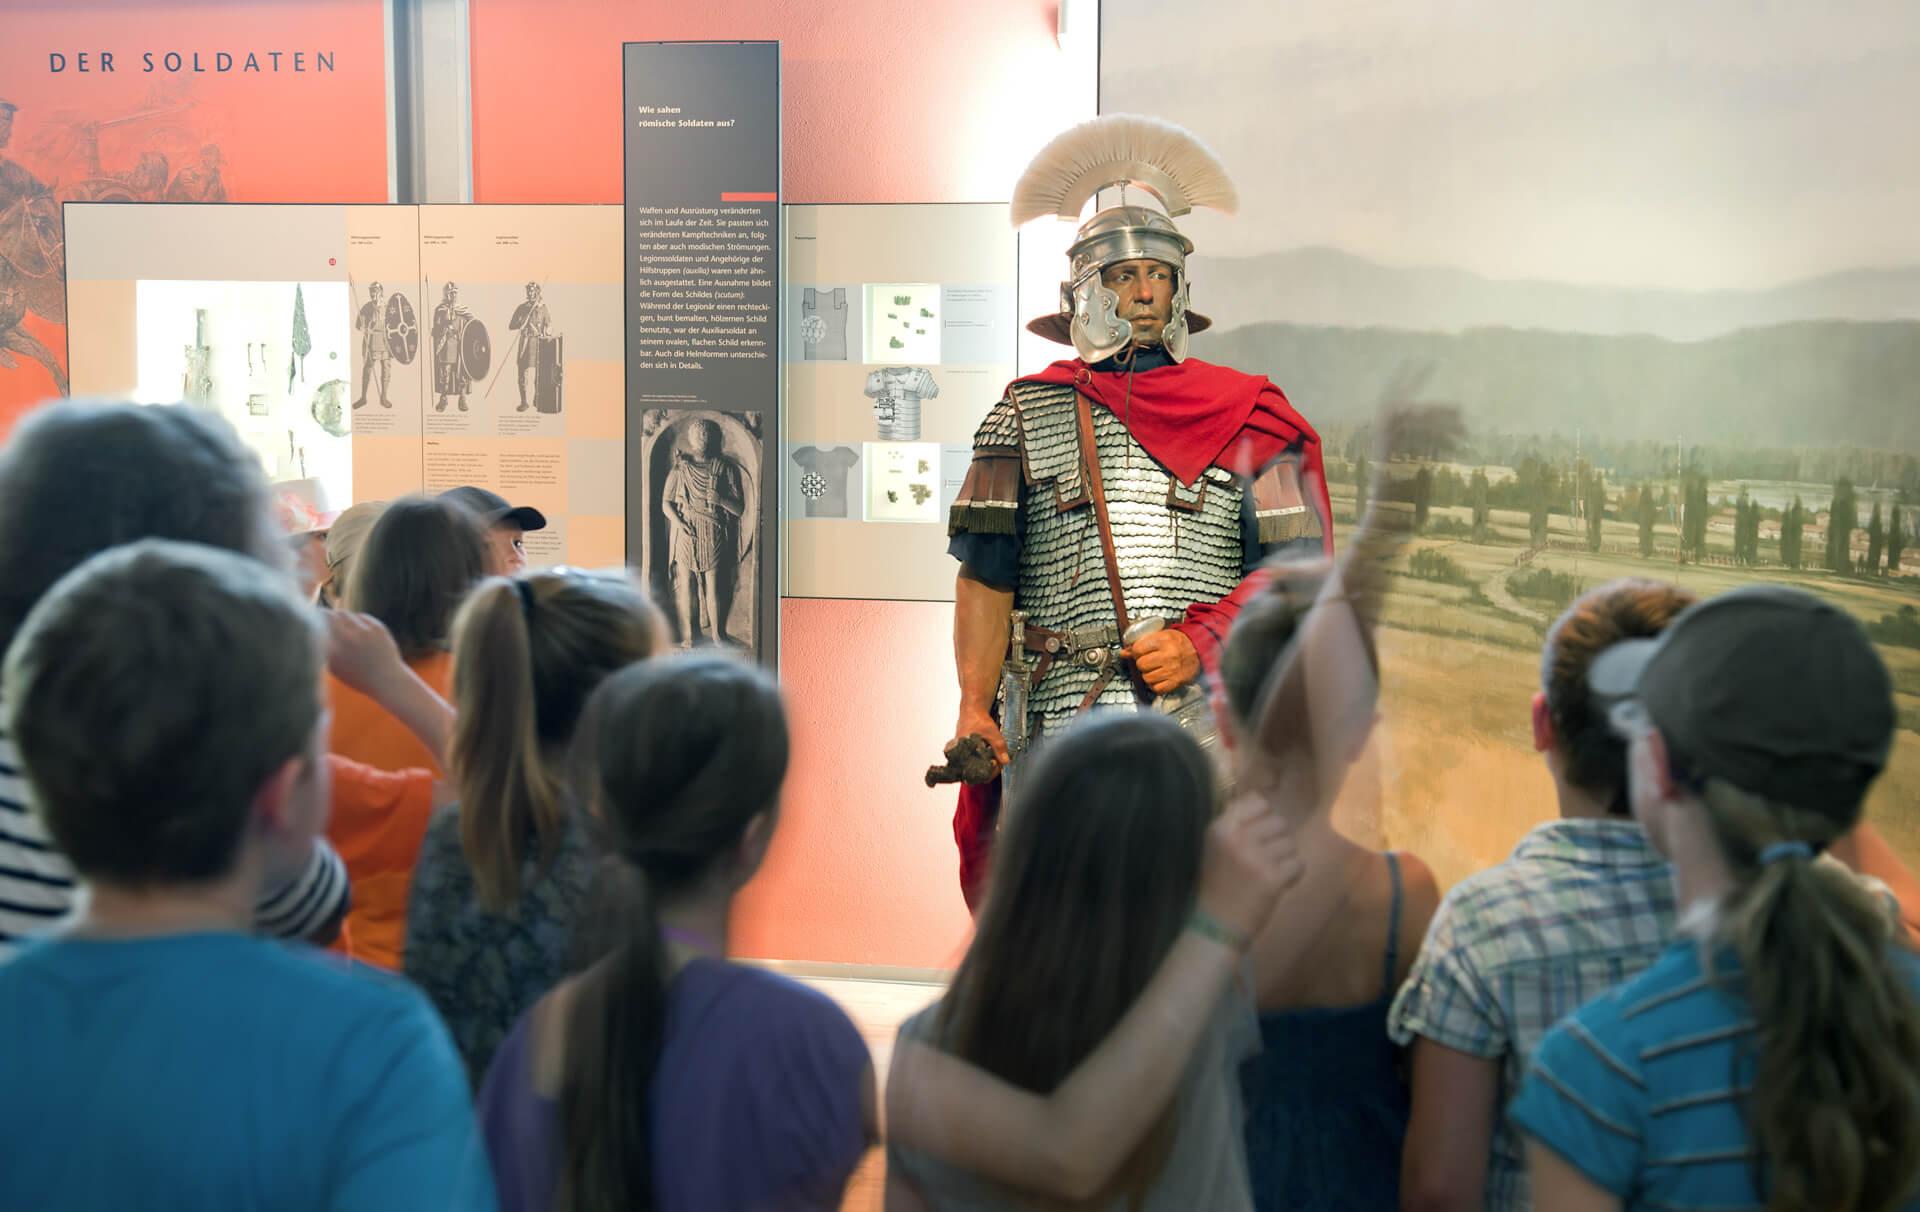 Das Museum Quintana in Künzing zeigt anschauliche Beispiele zum Leben in der Römerzeit